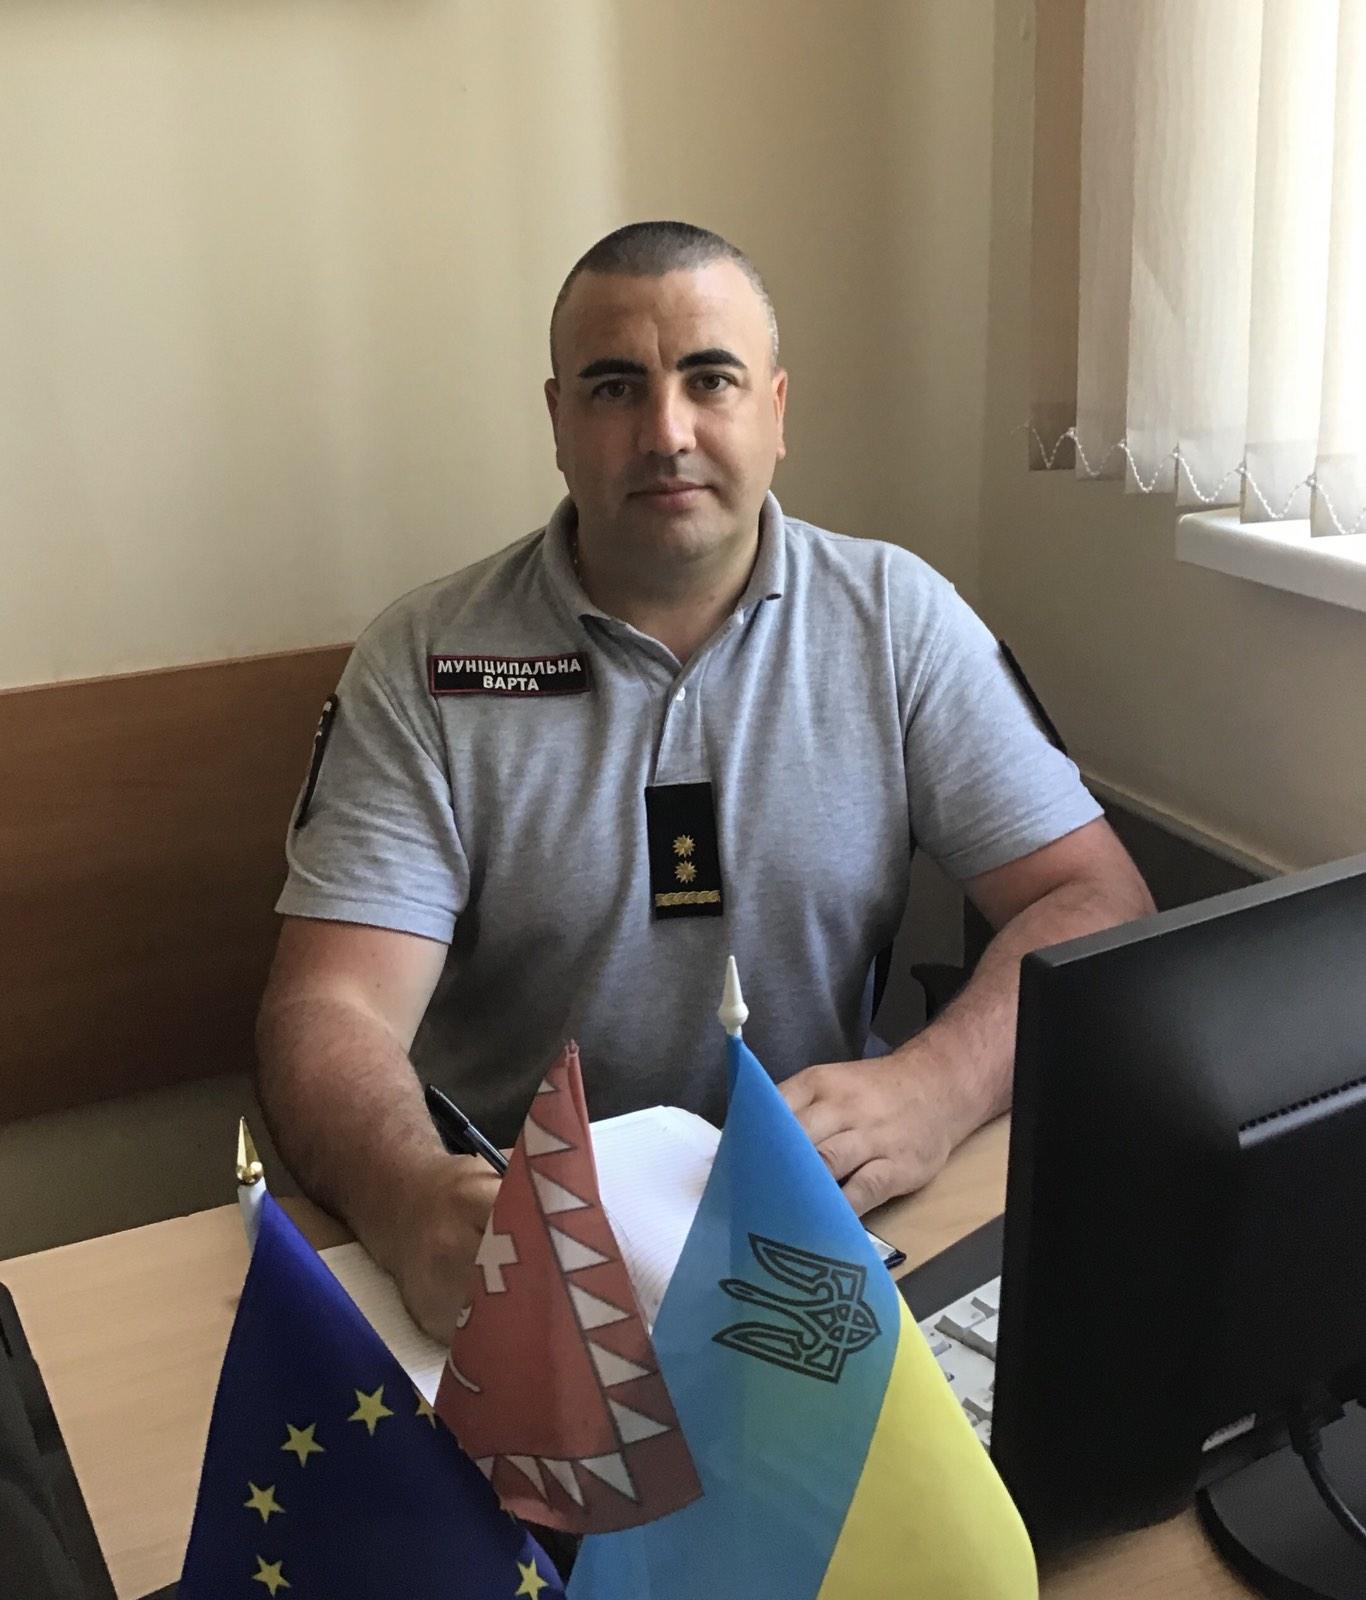 Грама Олександр Юрійович : Начальник відділу контролю за об'єктами водного фонду